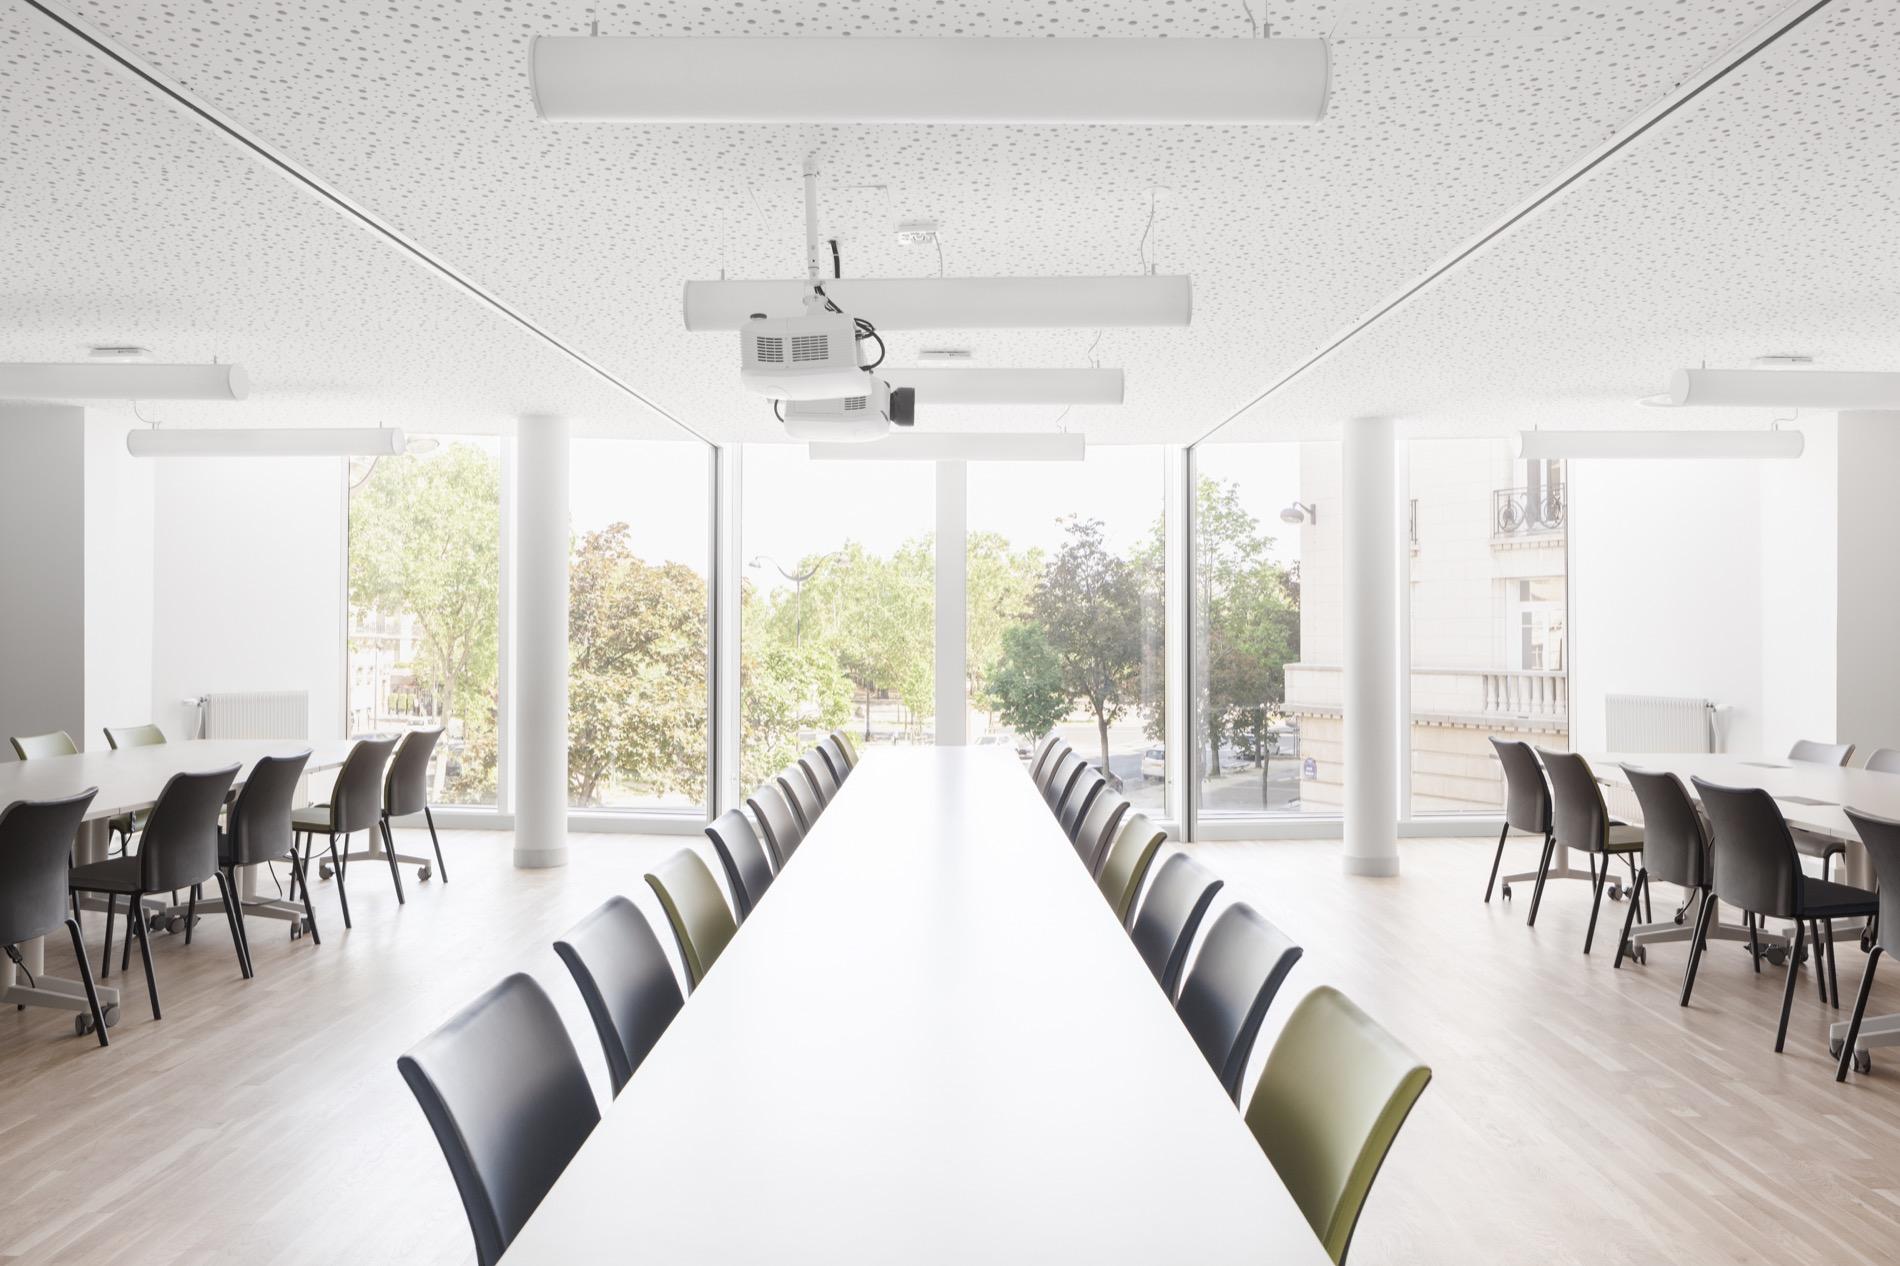 LOWENDAL_12-salle de réunion